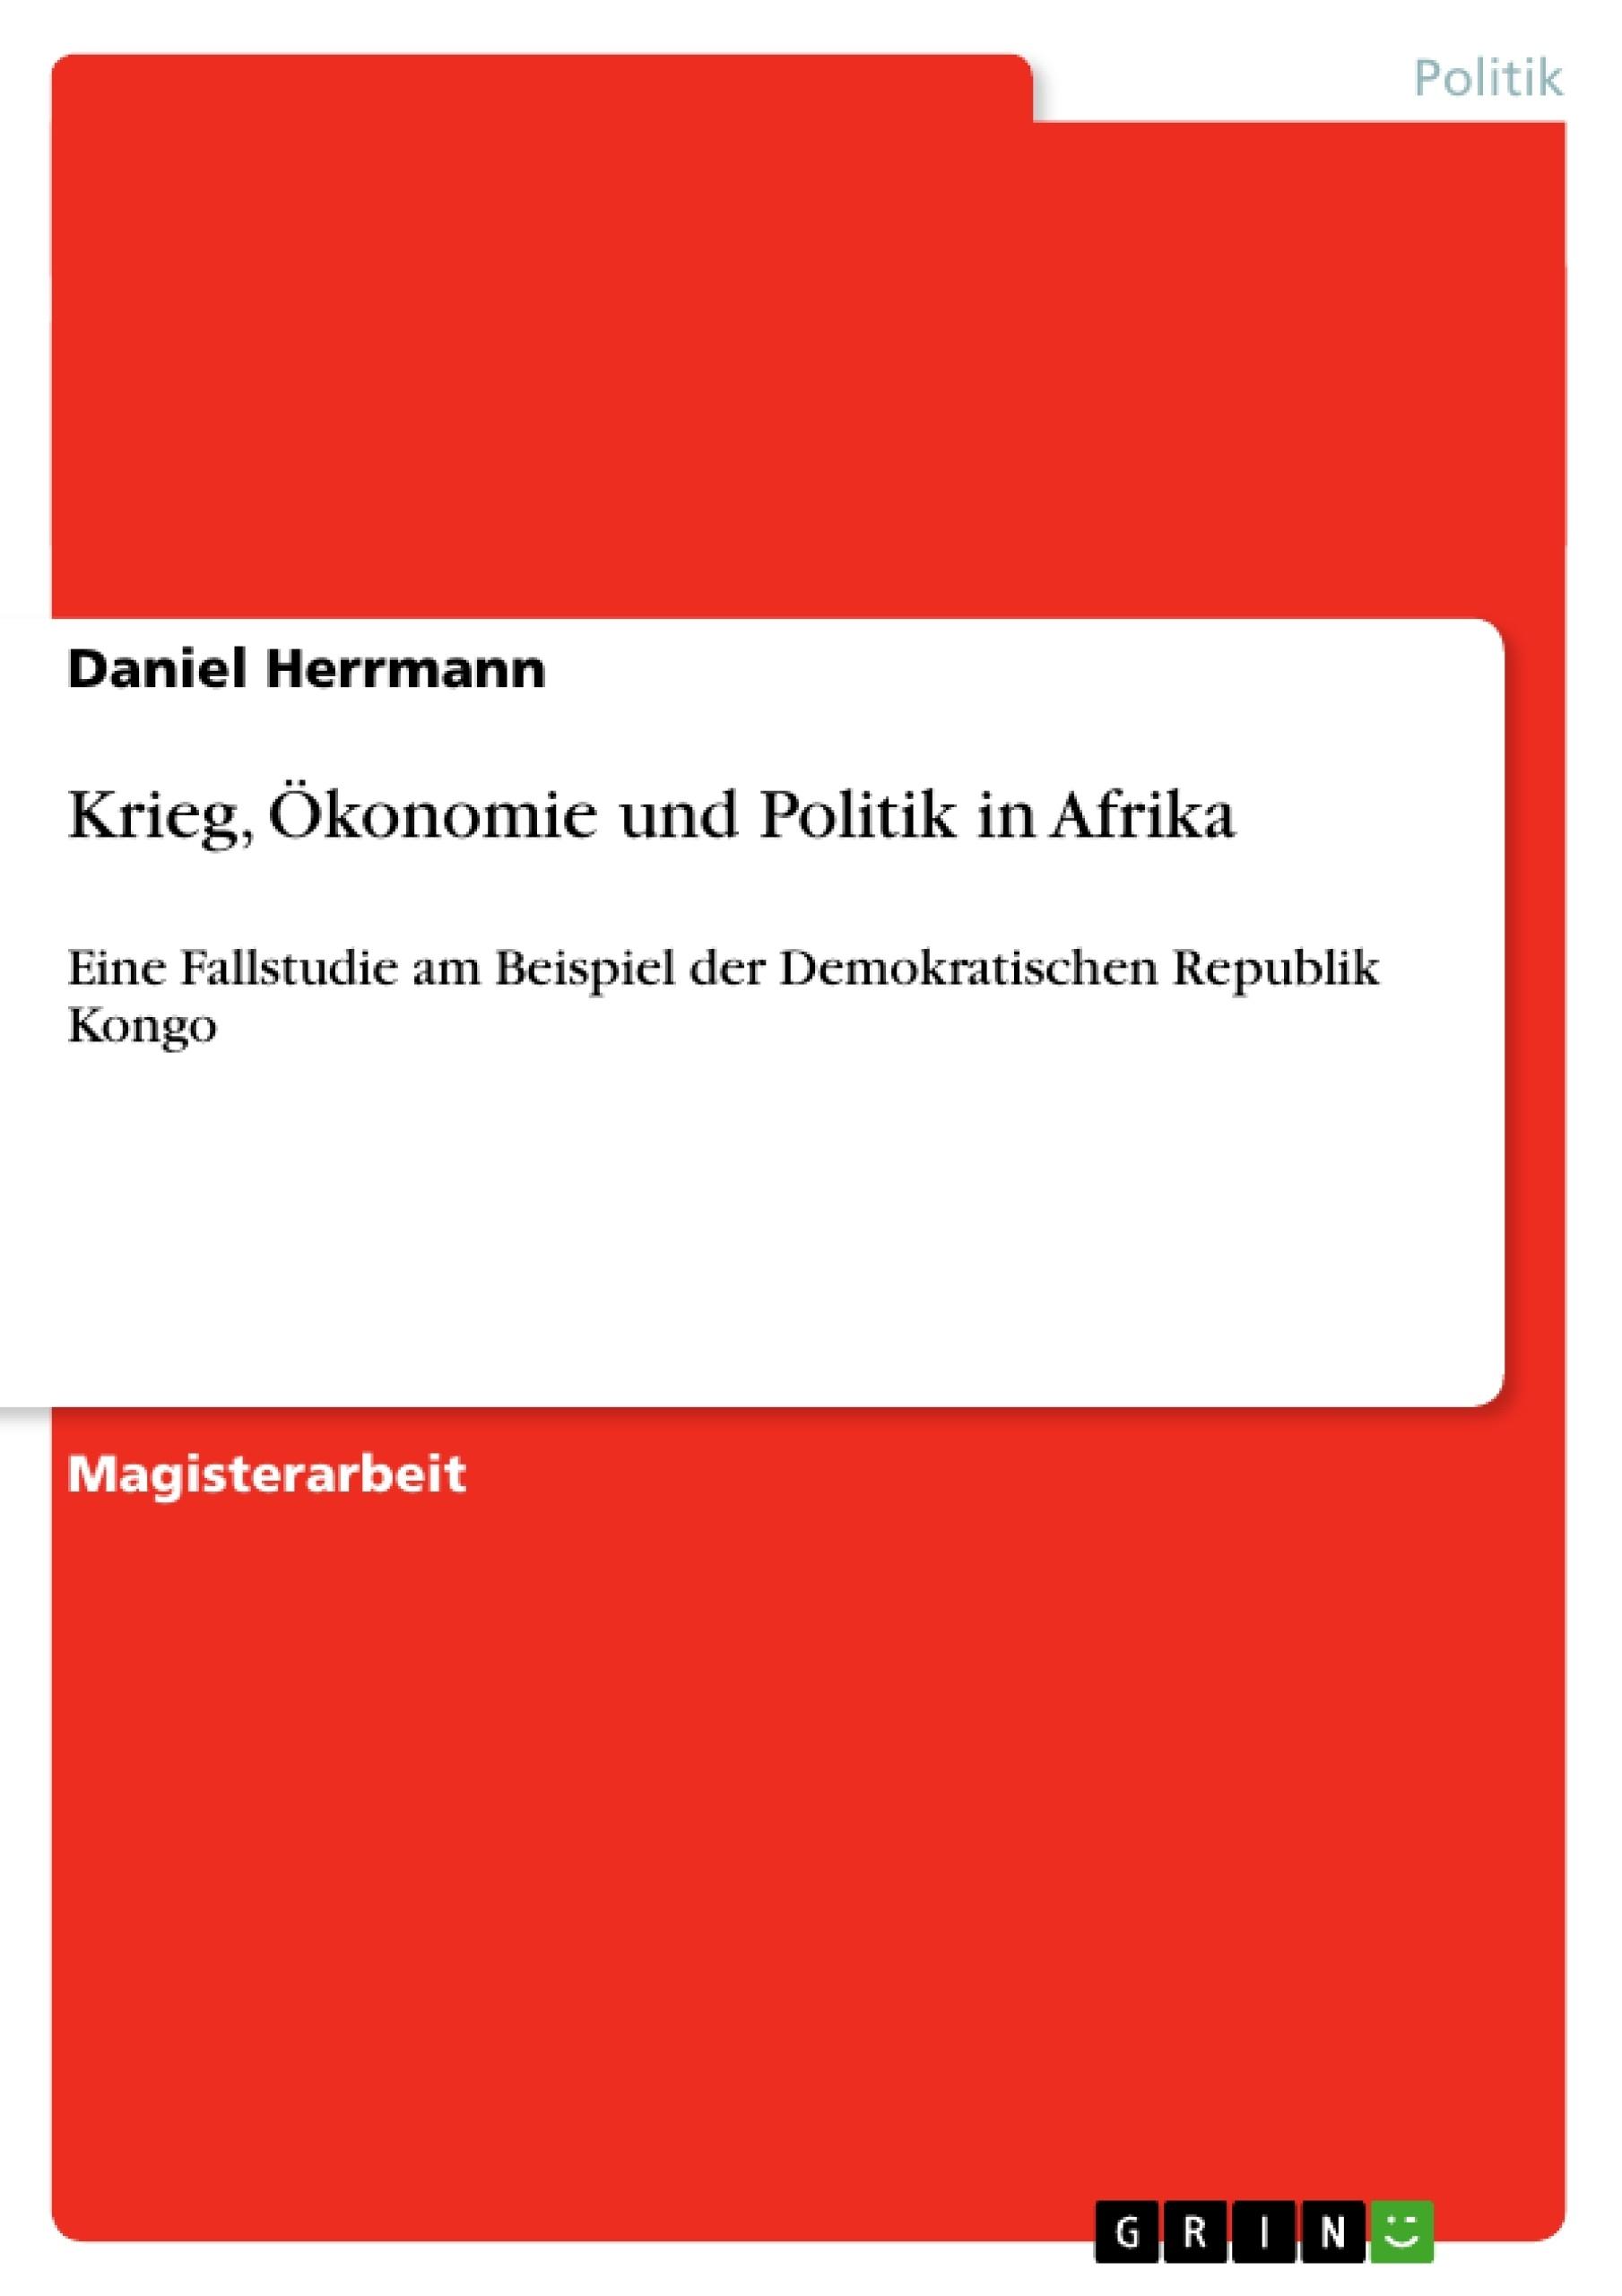 Titel: Krieg, Ökonomie und Politik in Afrika